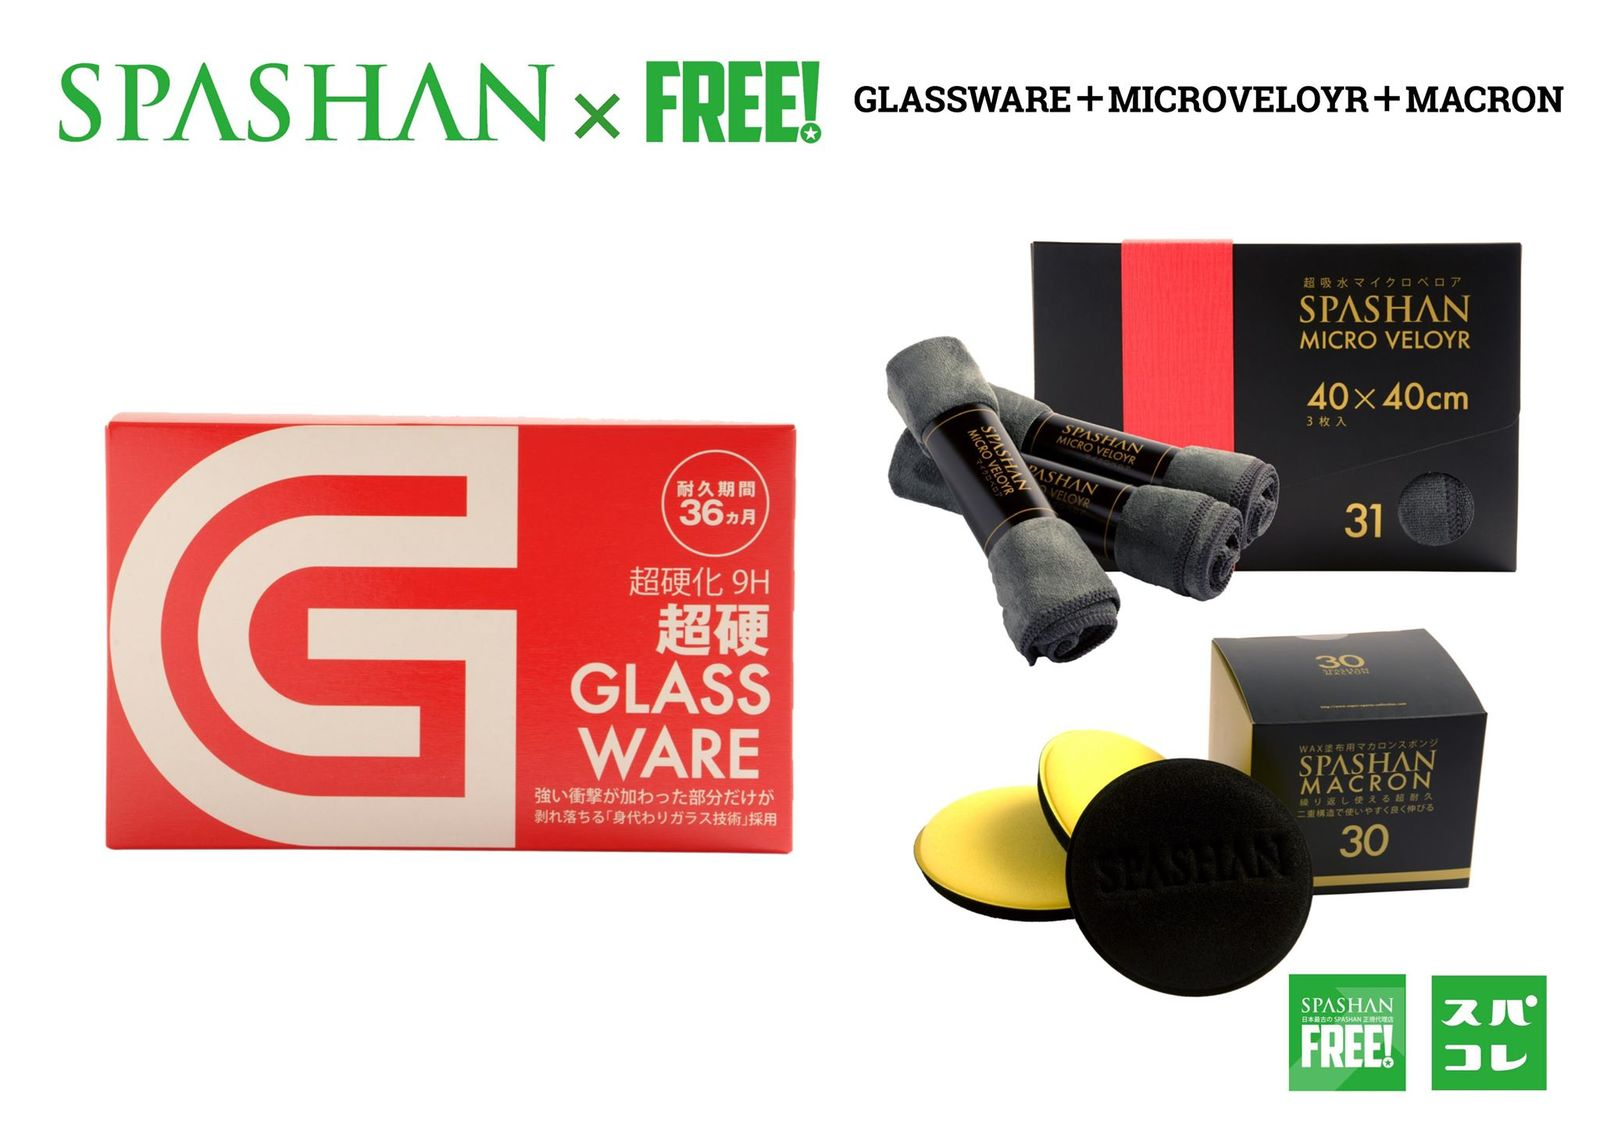 スパシャン グラスウェア 9H & マイクロベロア & マカロン SPASHAN 洗車 カーケア コーティング剤 スパシャン2019 GLASSWARE